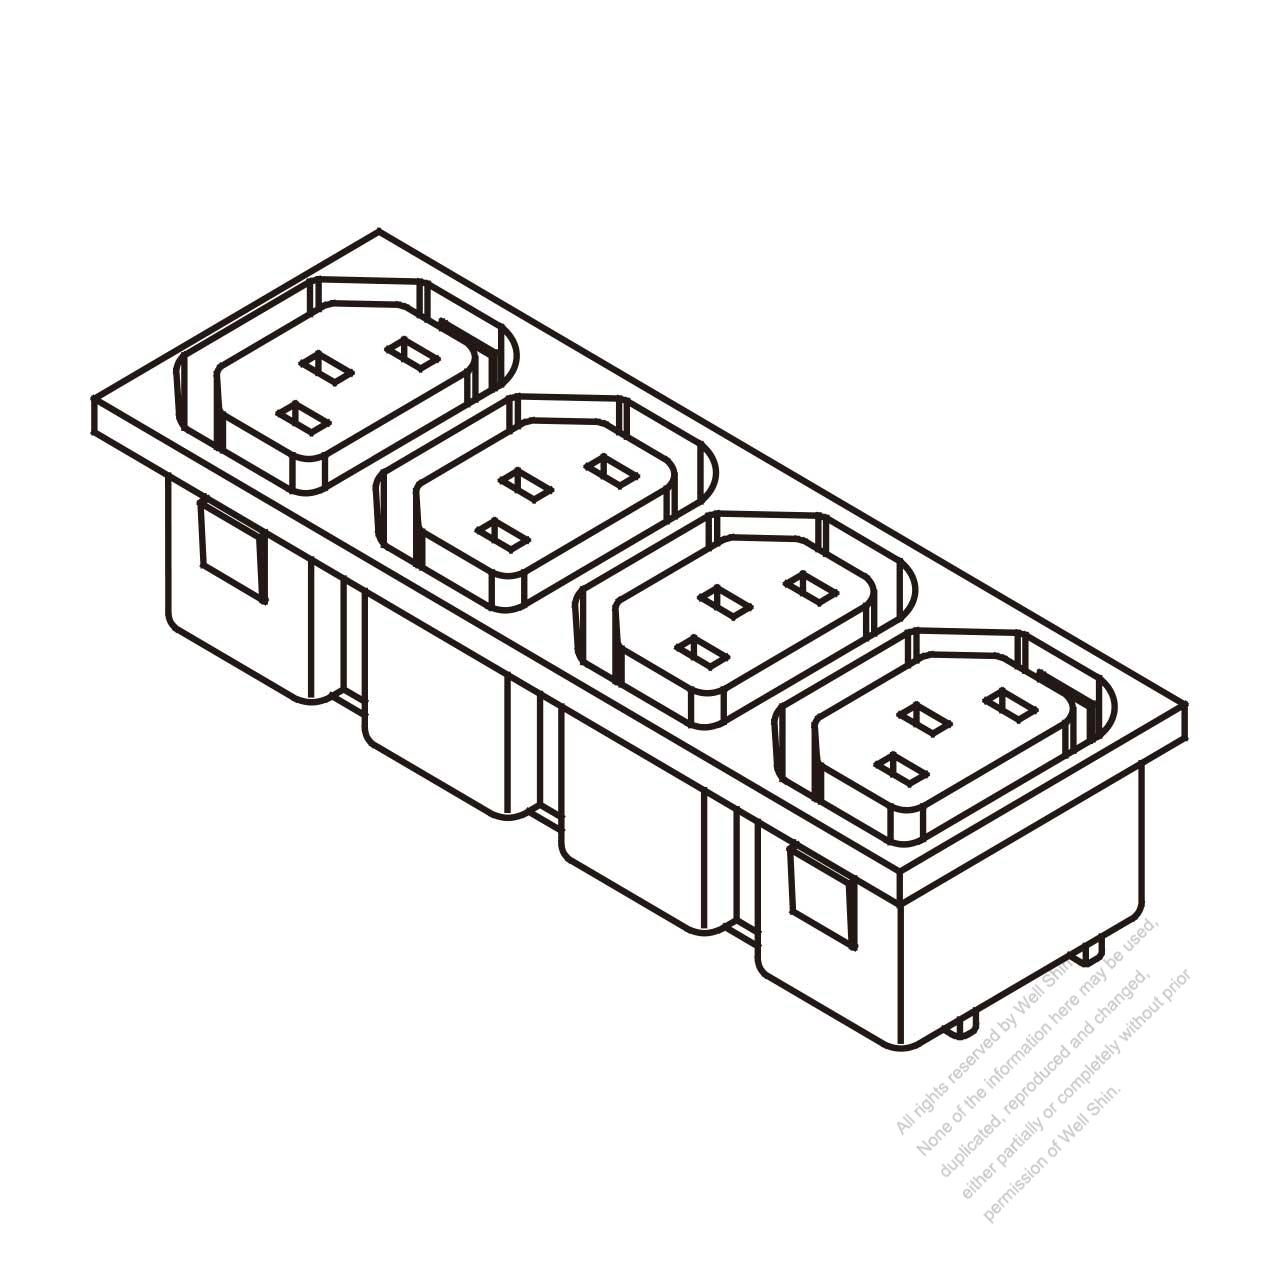 Ac Socket Iec 60320 2 Sheet F Appliance Outlet X 4 10a